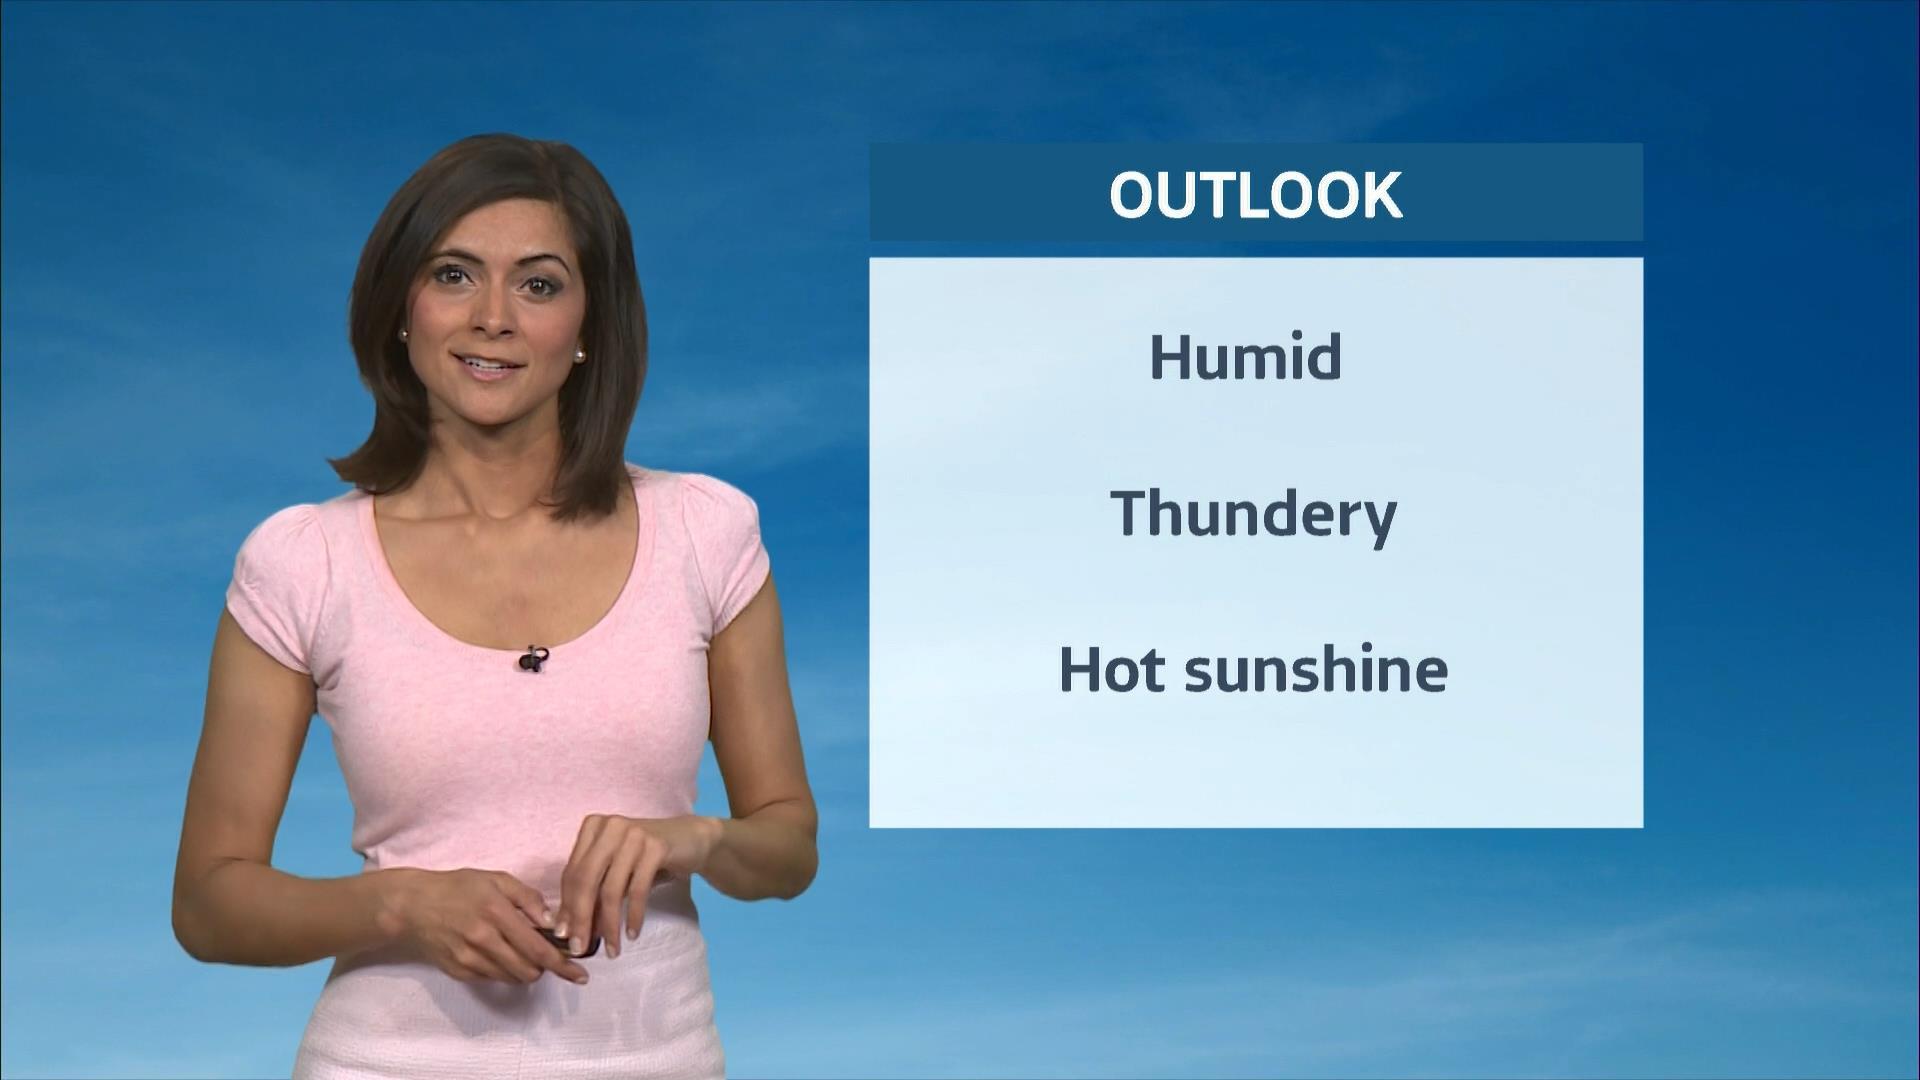 Lucy Verasamy - ITV Weather Presenter (1)